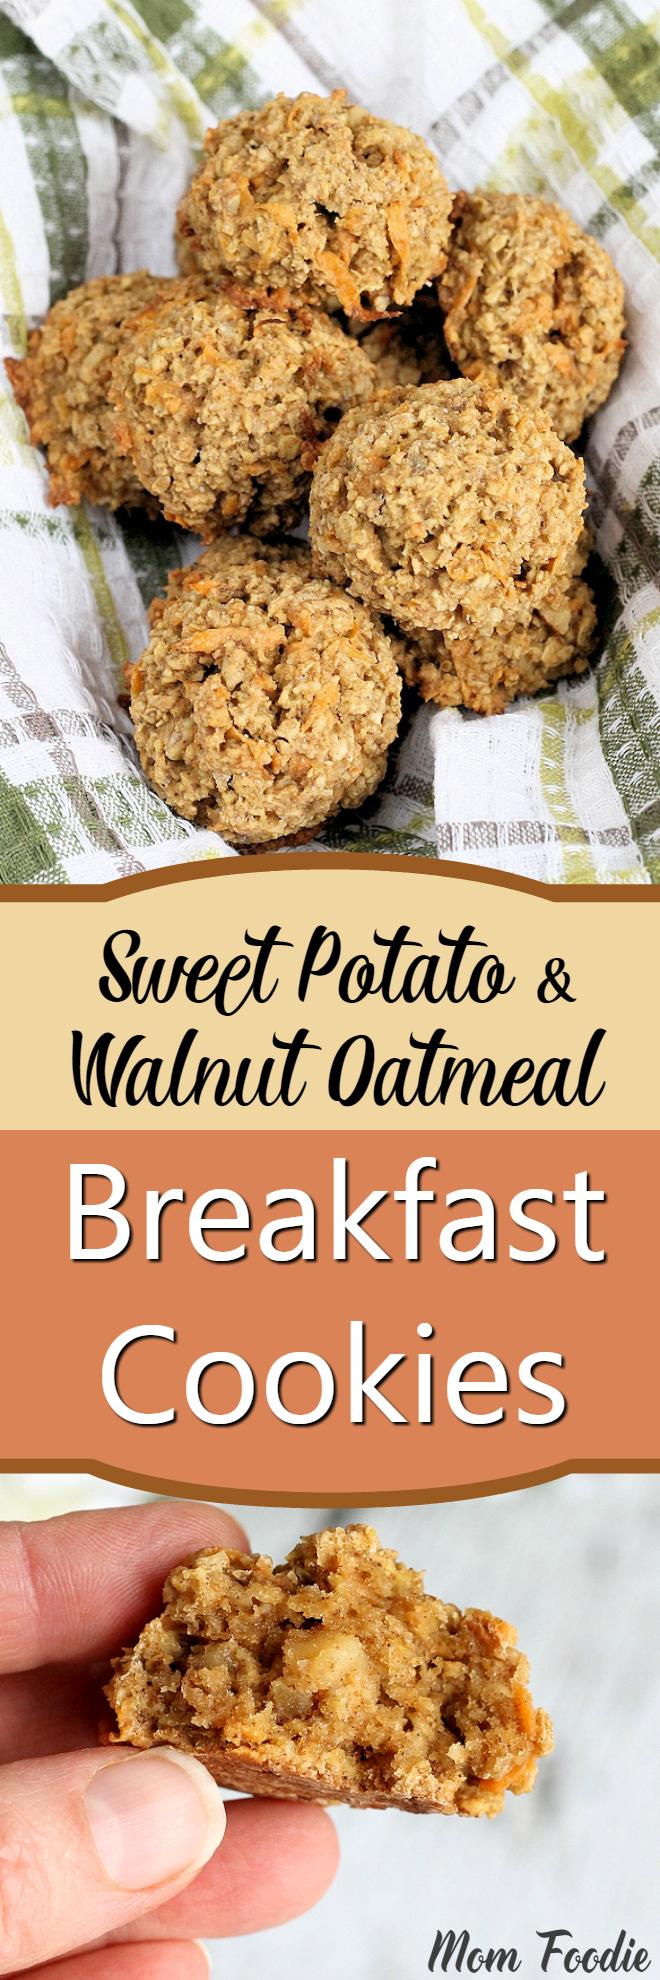 Sweet Potato & Walnut Oatmeal Breakfast Cookies